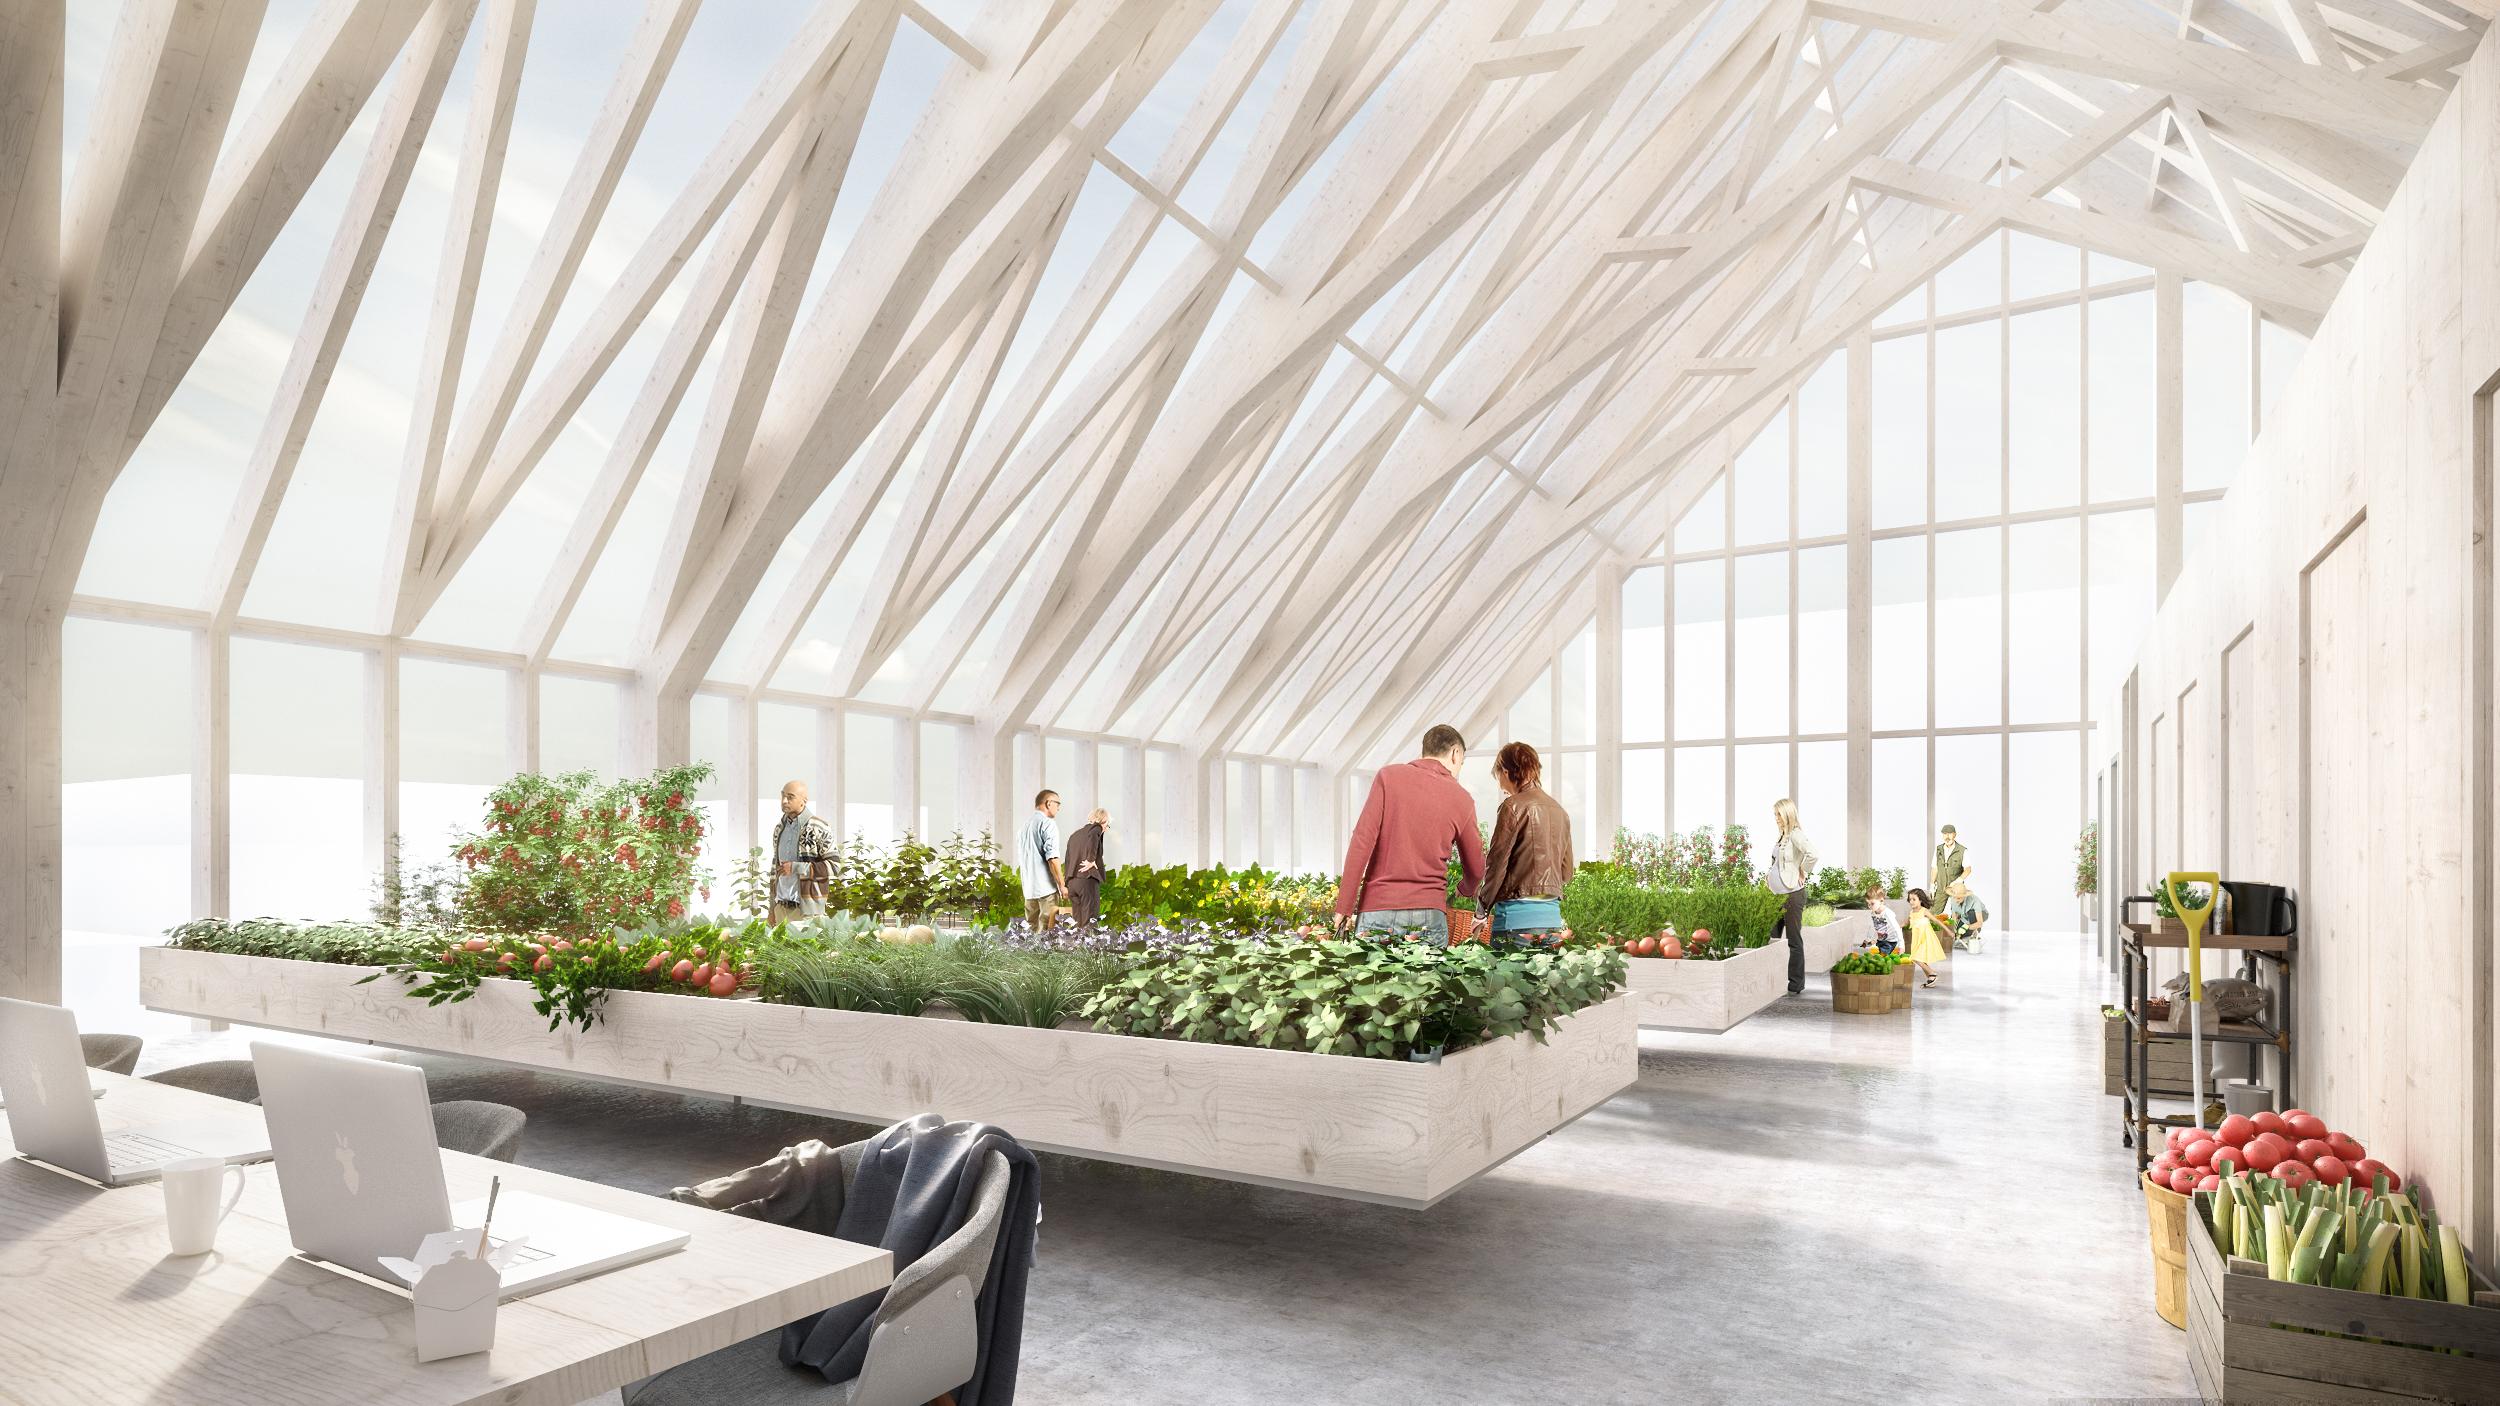 gh3 - SWL - Vegetable Garden